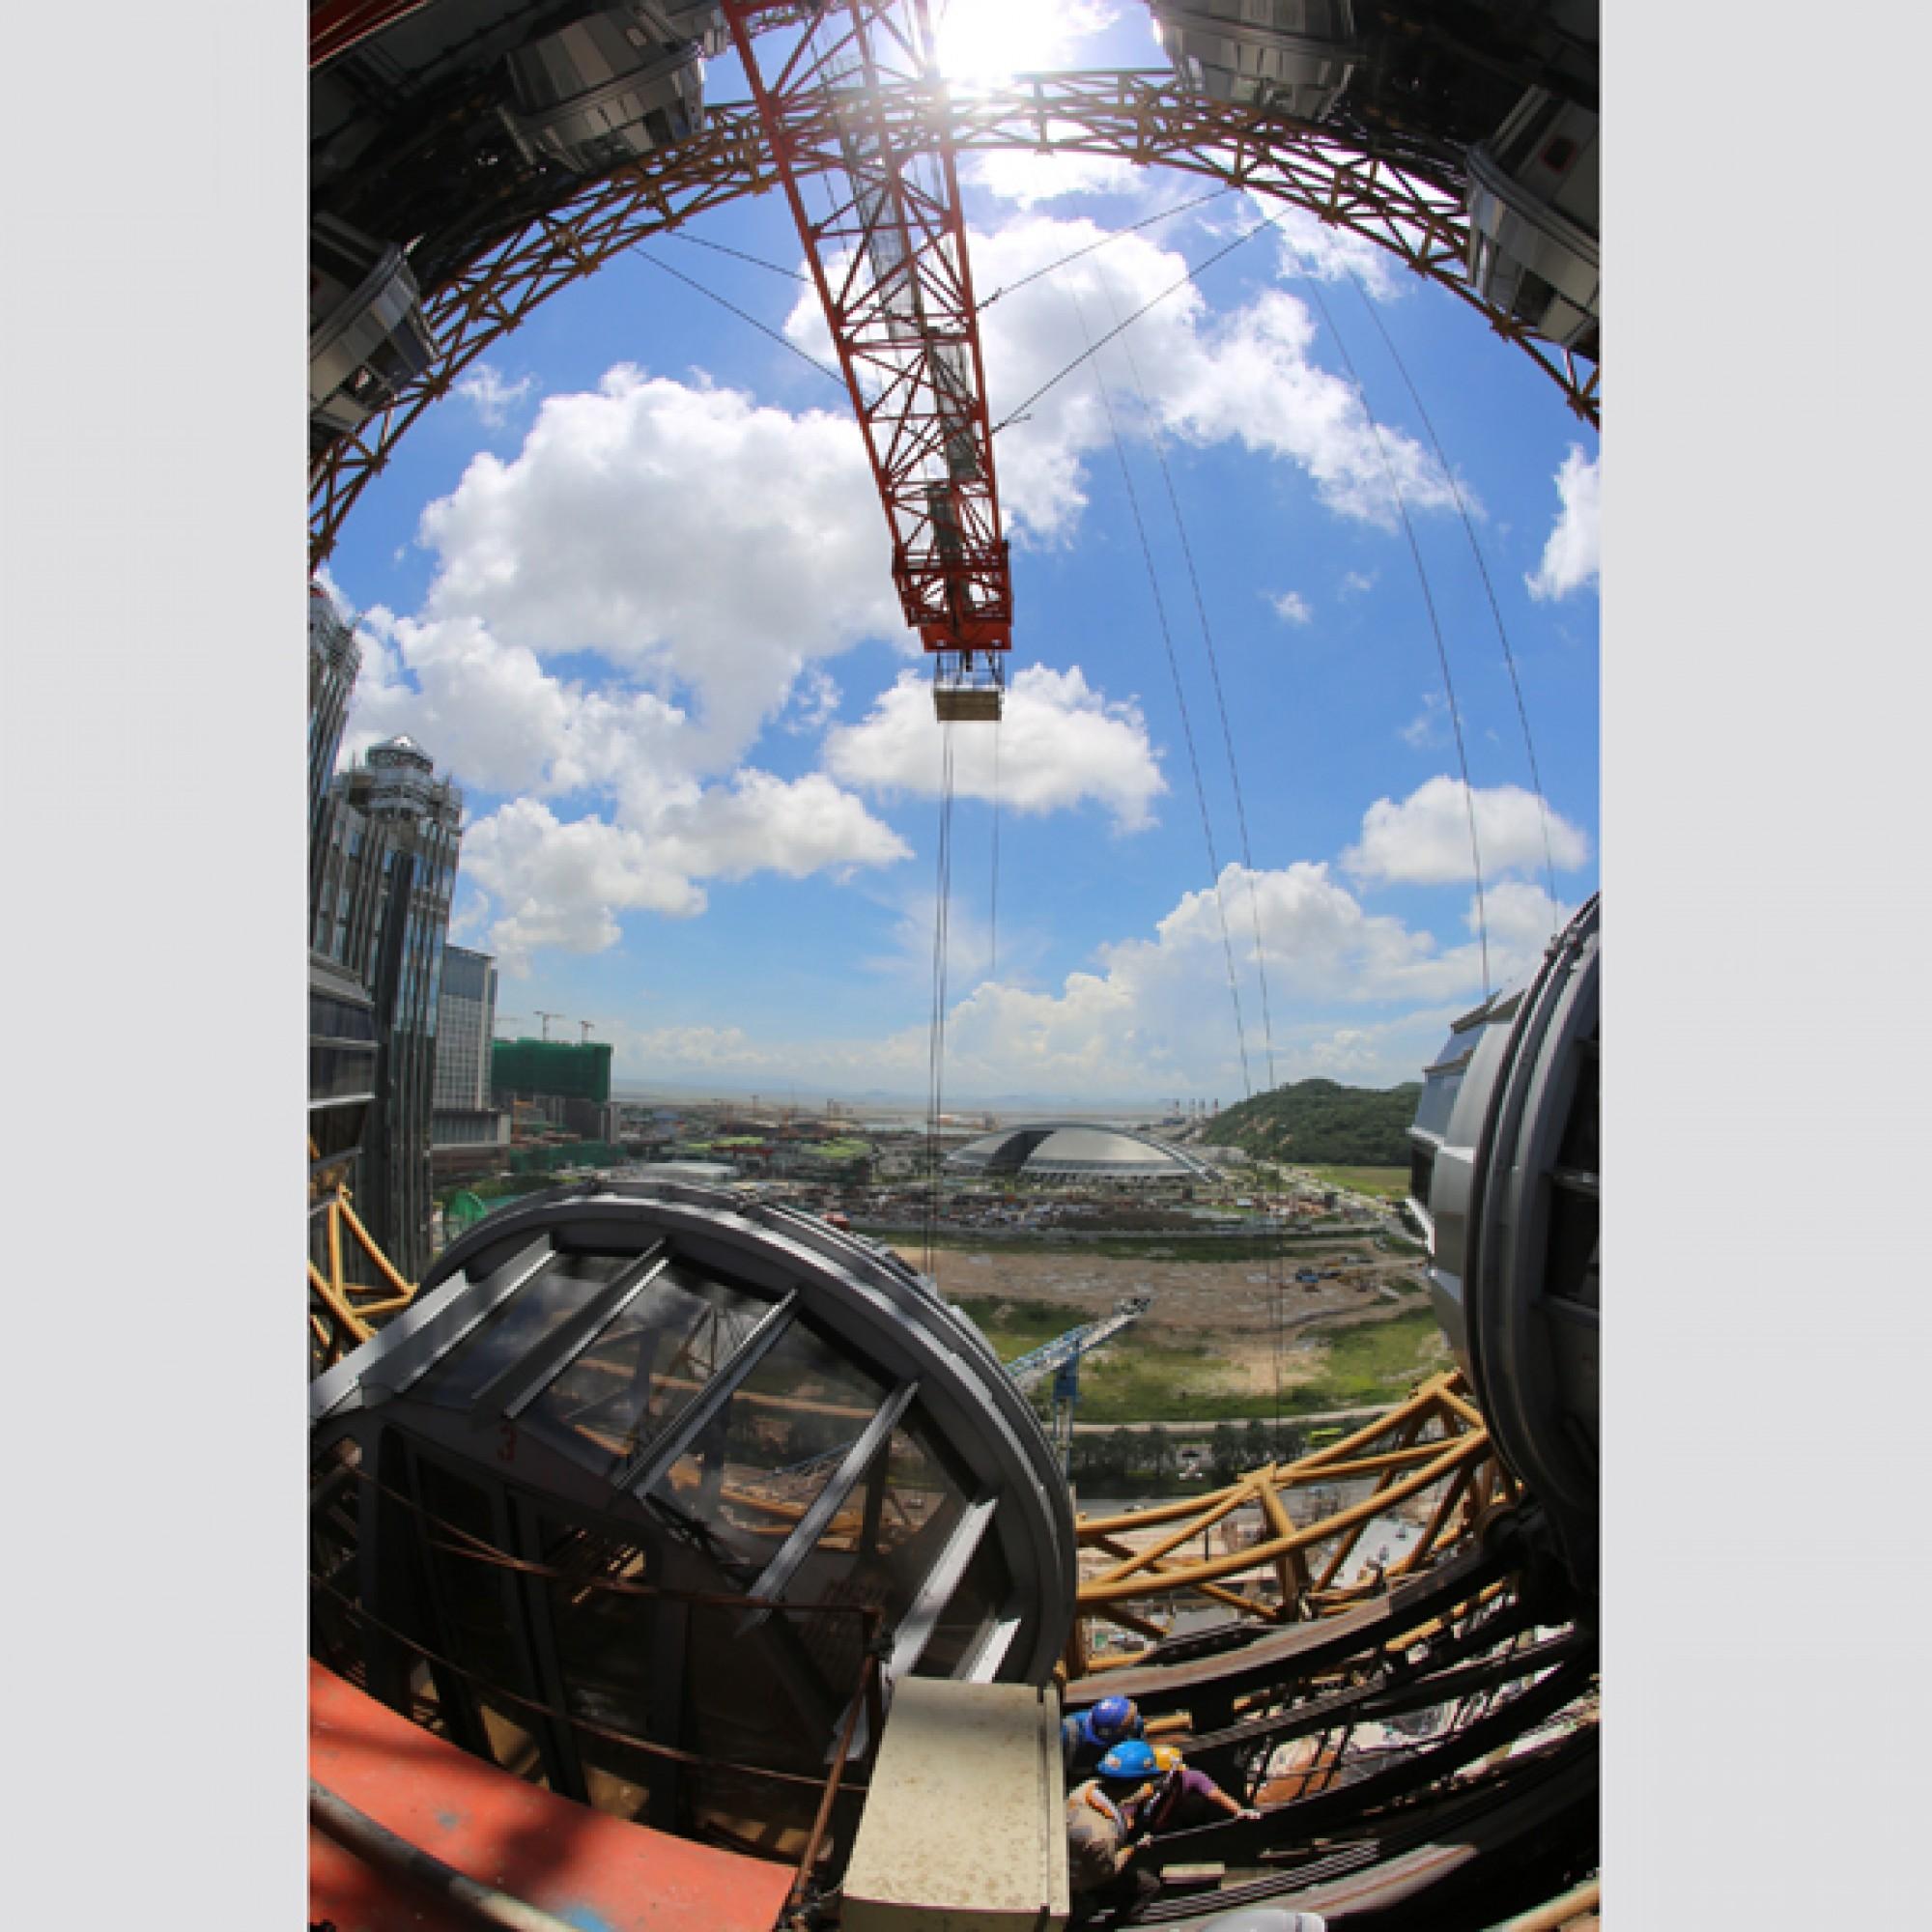 Zurzeit wird die Technik der spektakulären Anlage überprüft und getestet. (zvg)